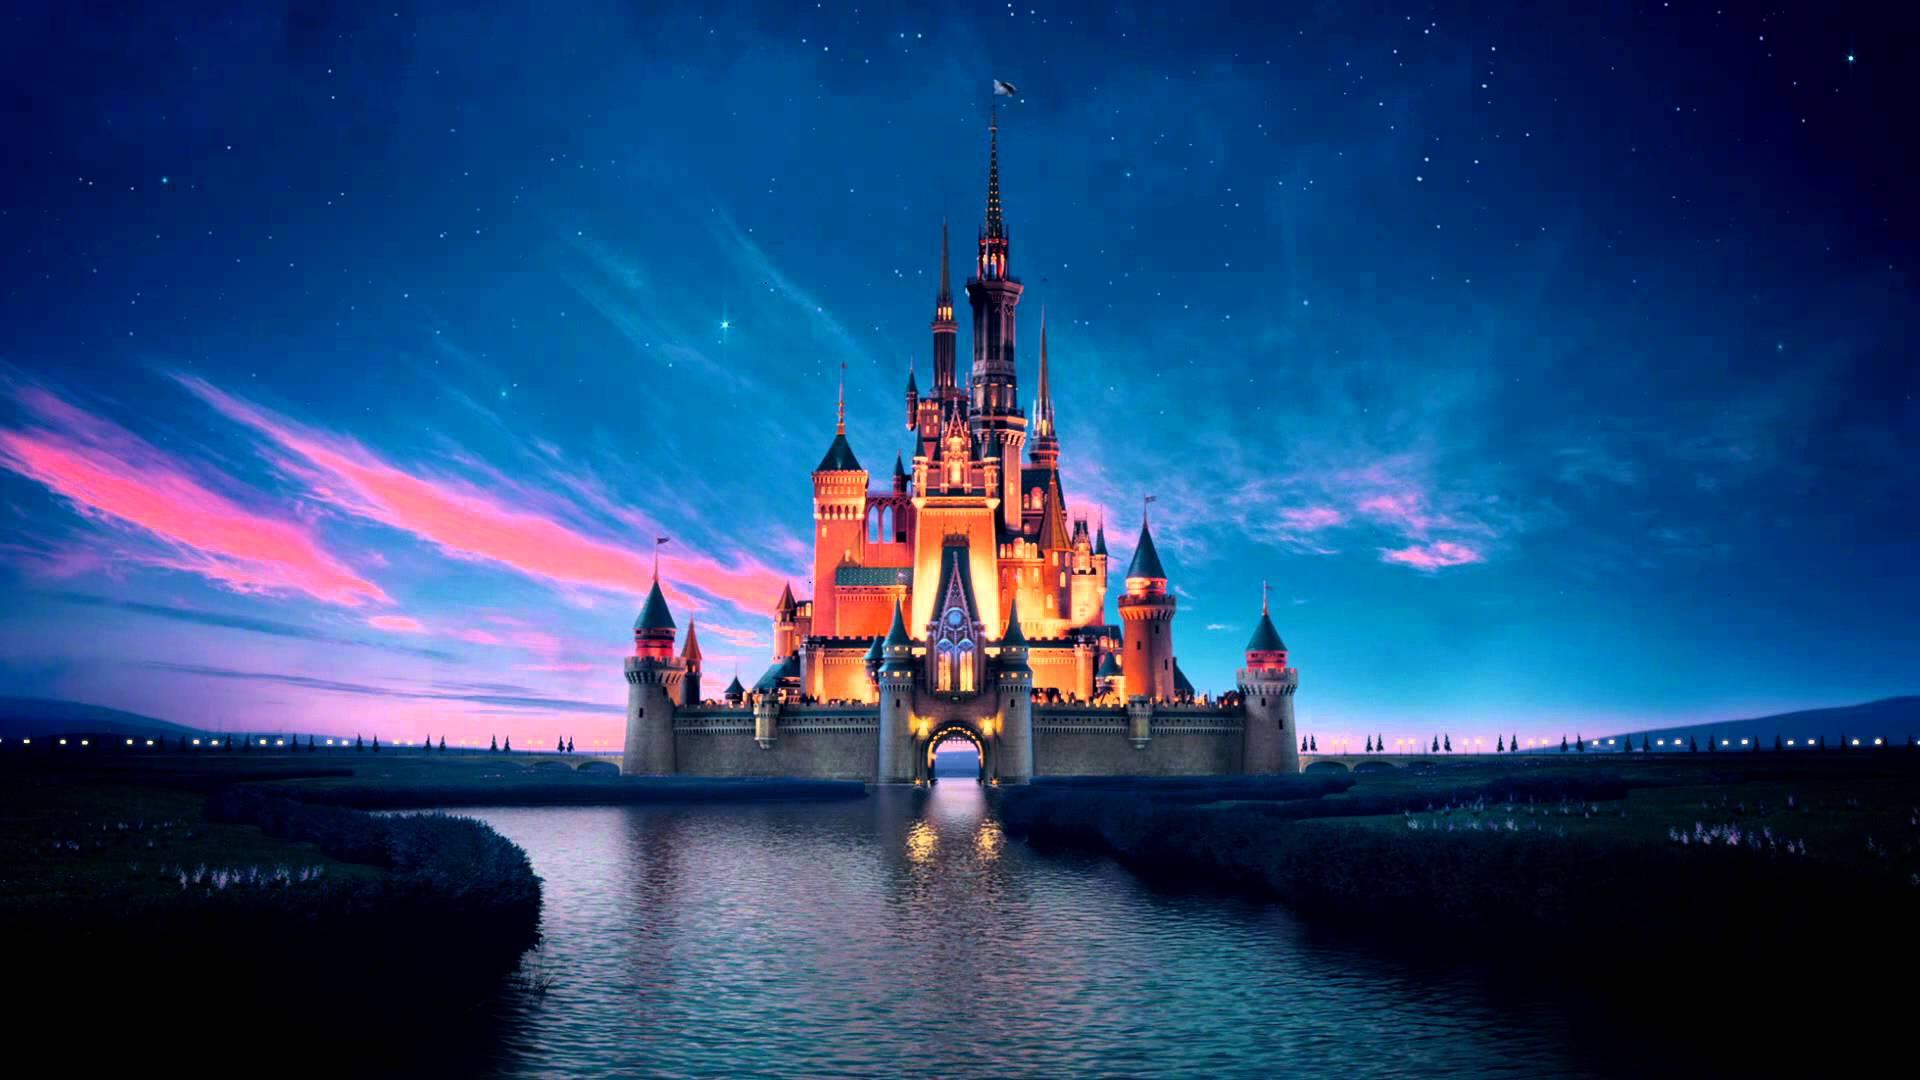 Cute Cartoon Hd Wallpaper Free Download Free Download Disney Castle Backgrounds Pixelstalk Net